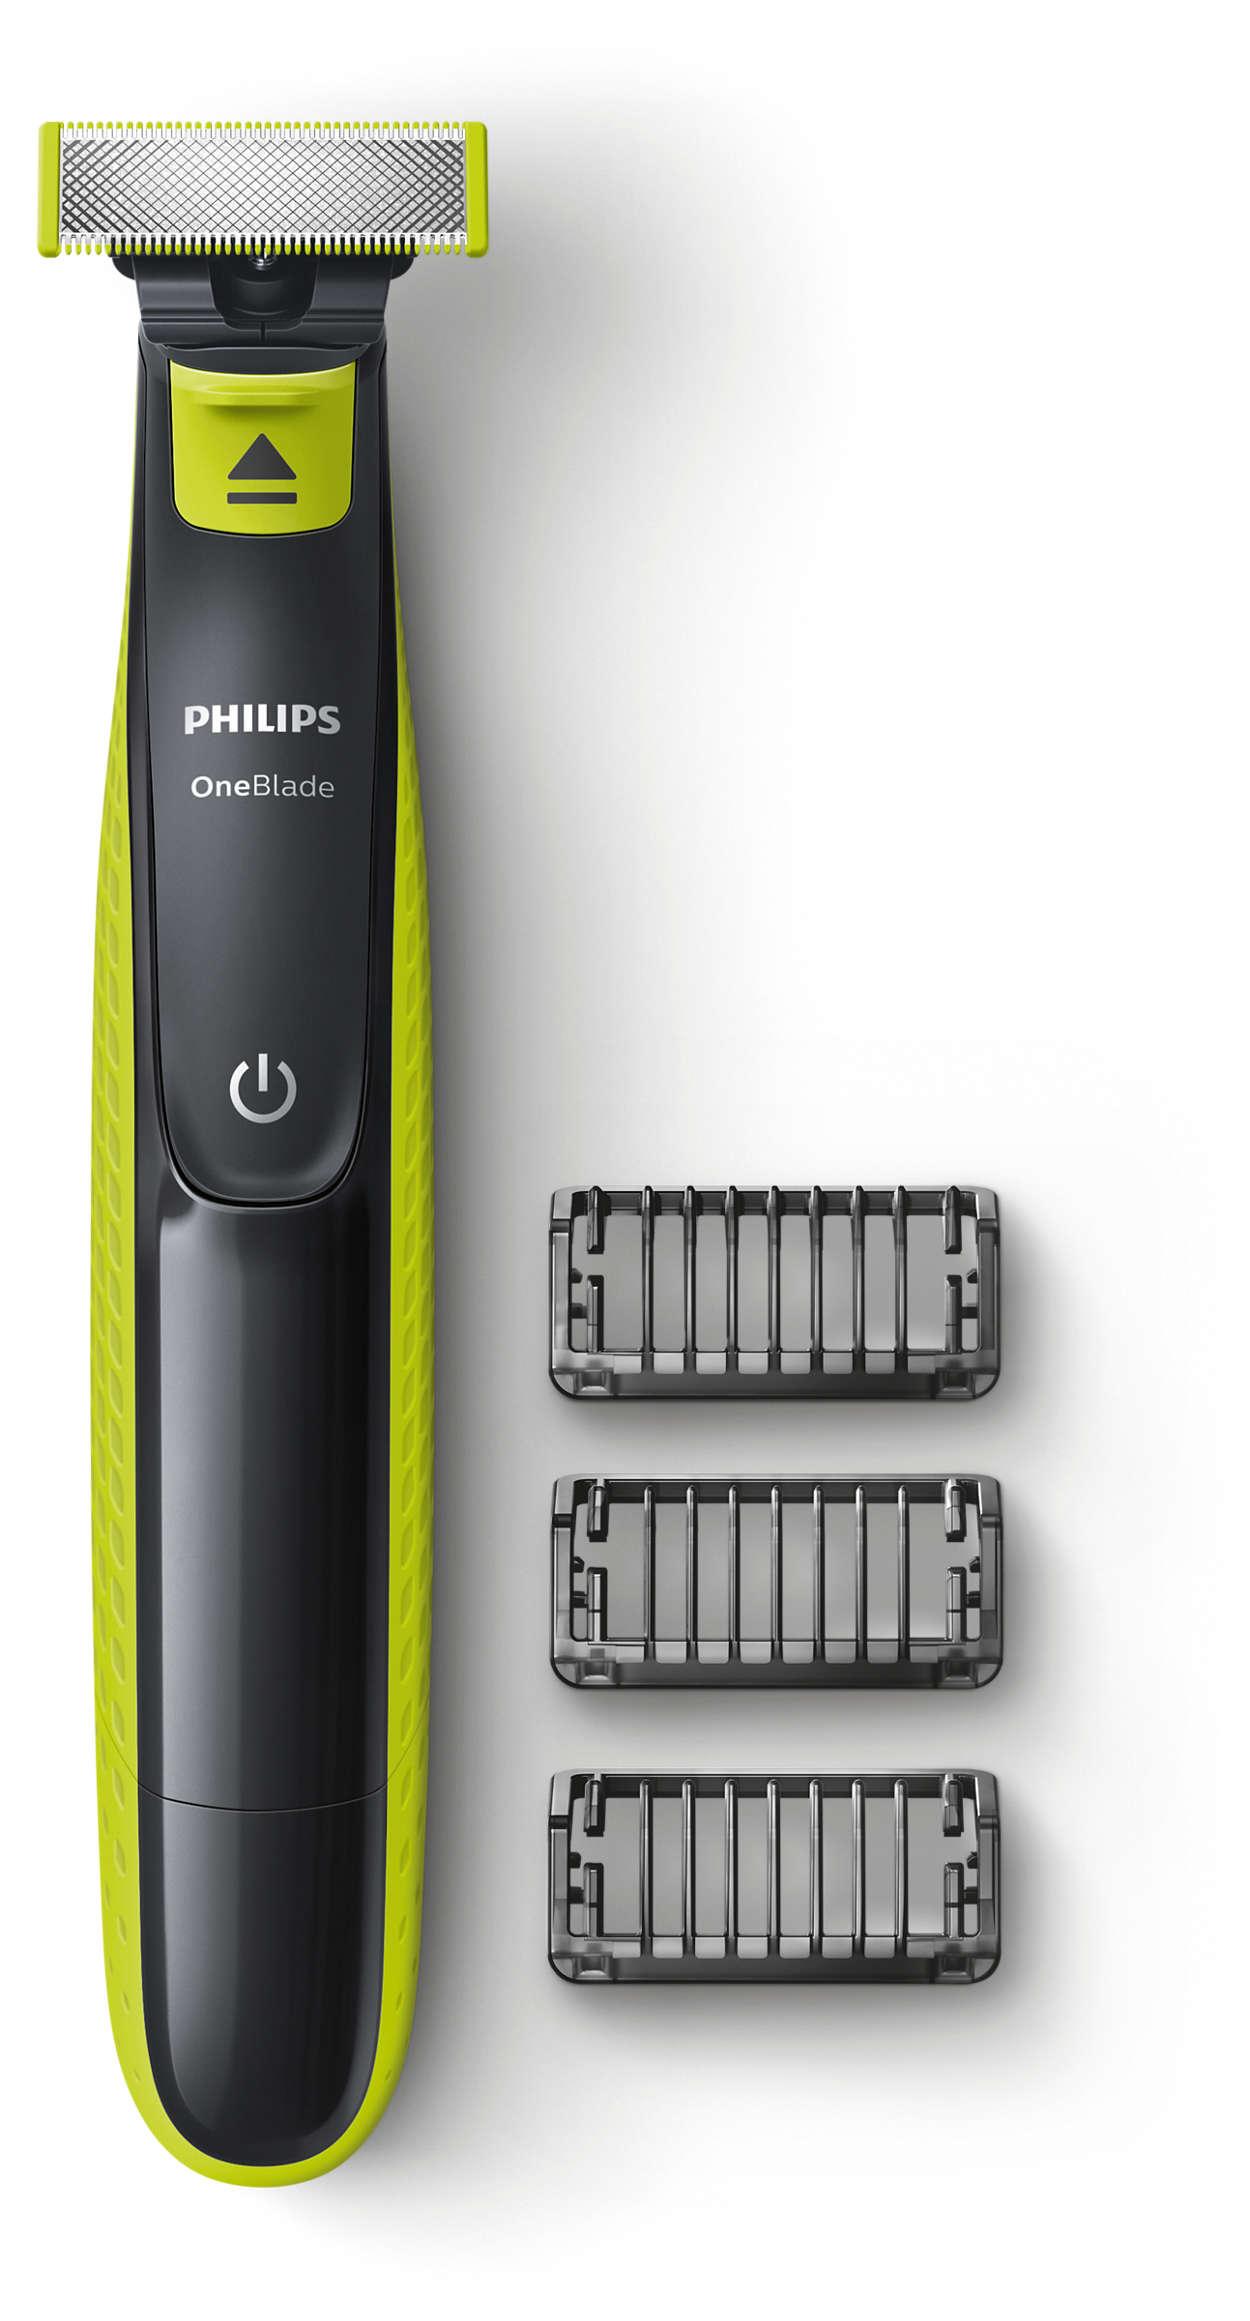 Piirake, viimistlege ja raseerige igas pikkuses habet